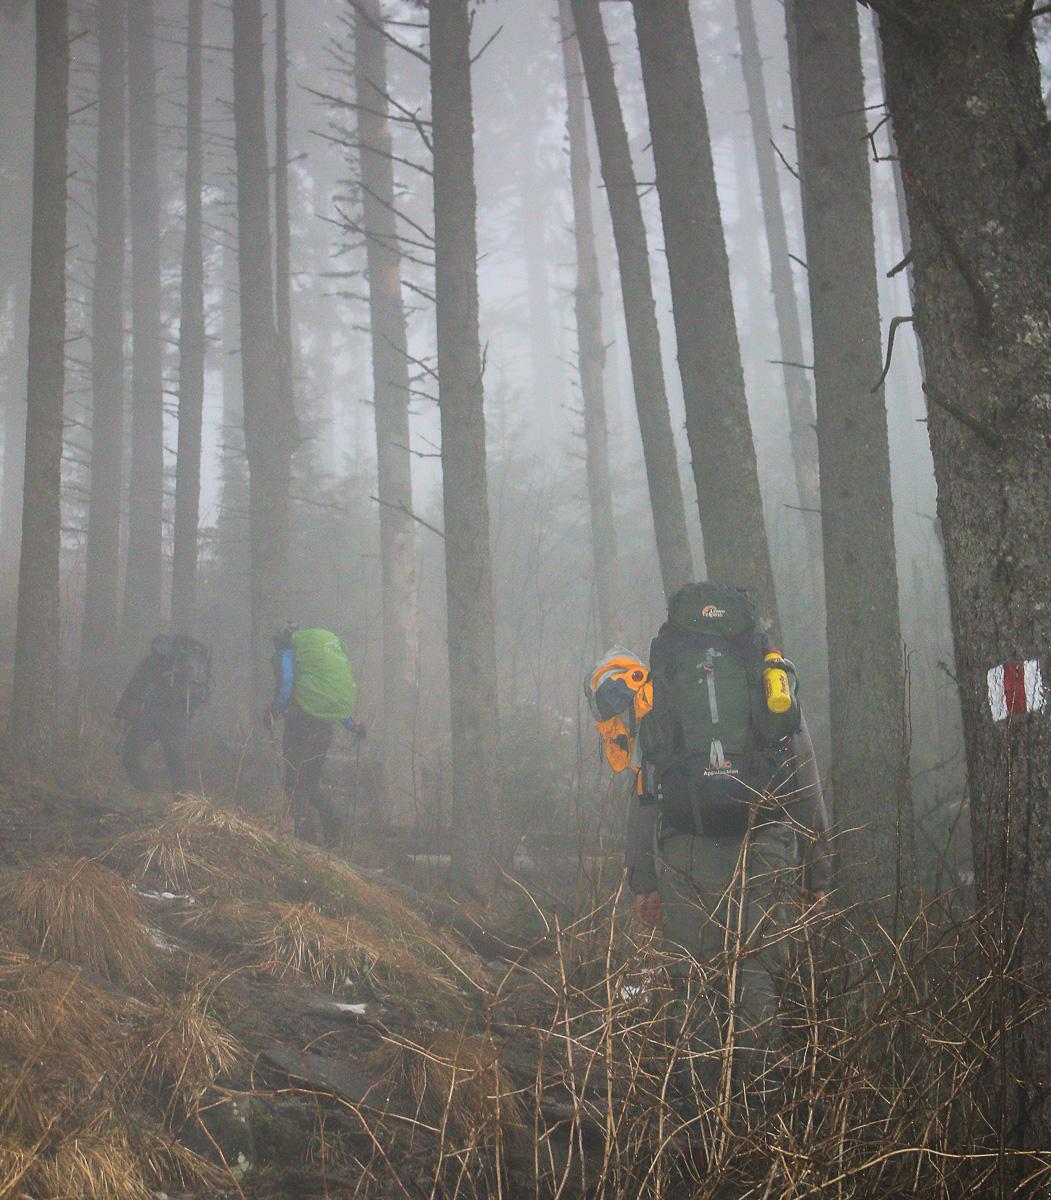 Cețuri în pădurea de foioase